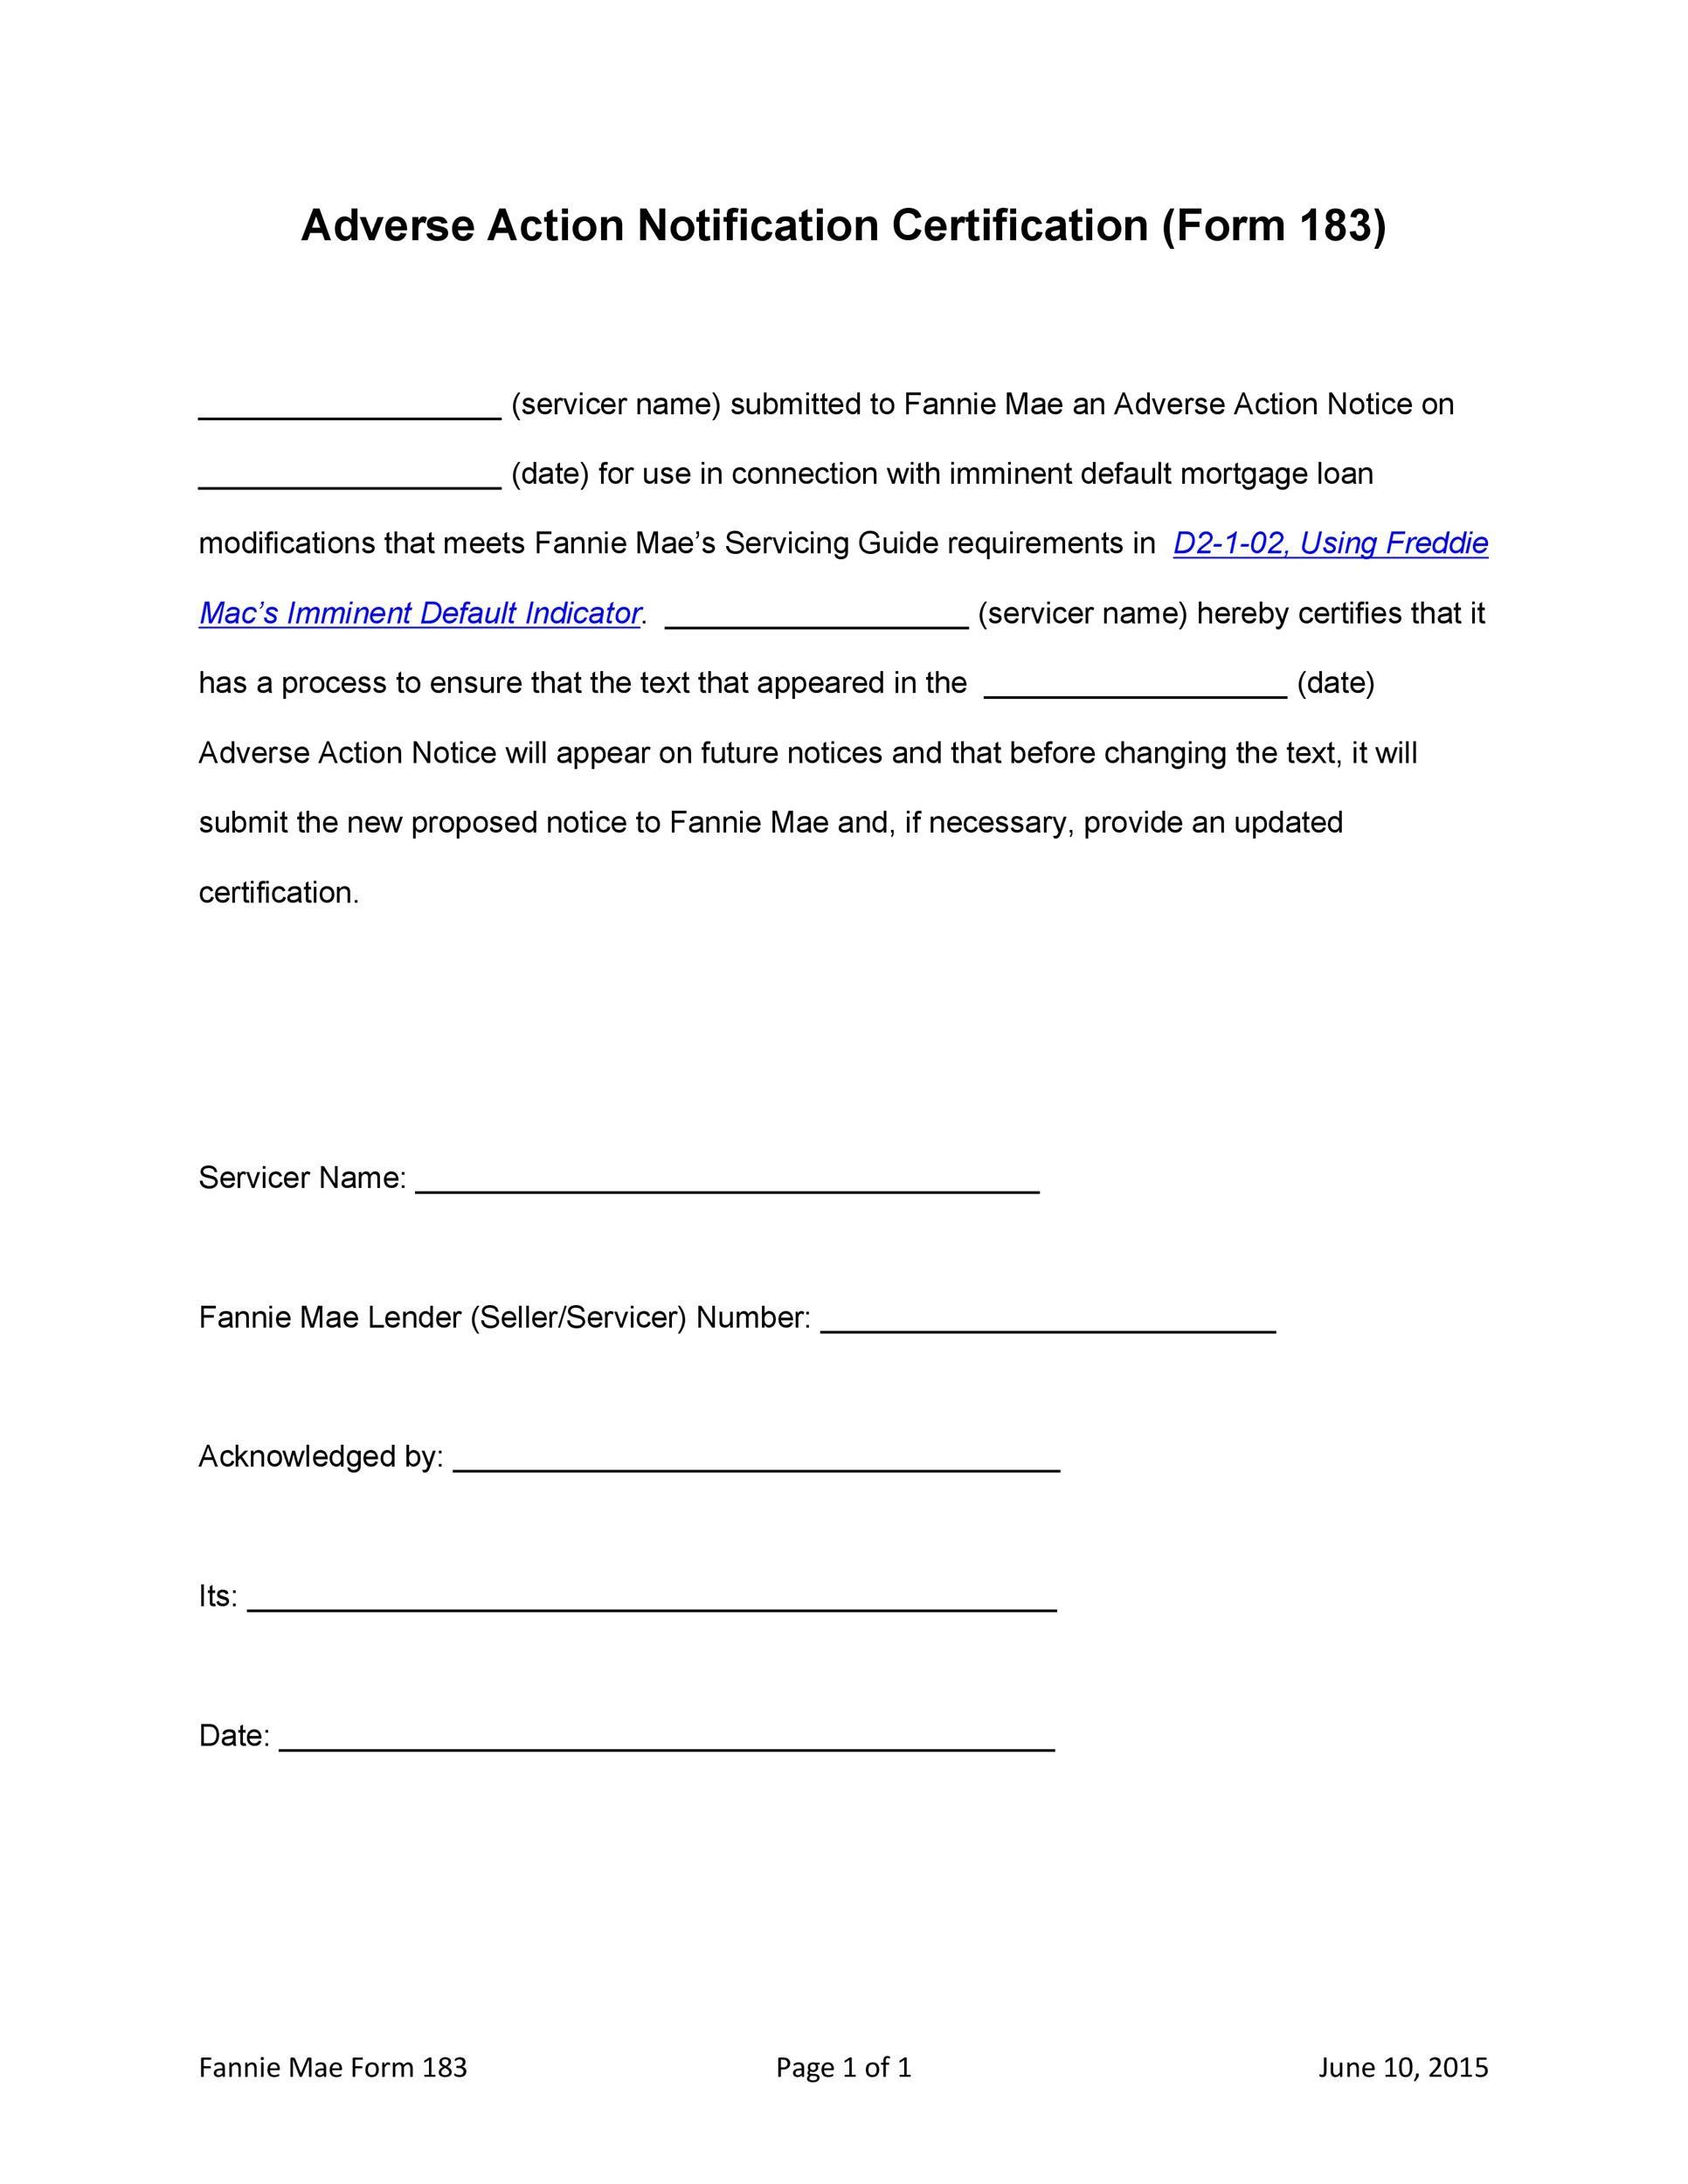 Free adverse action notice 23